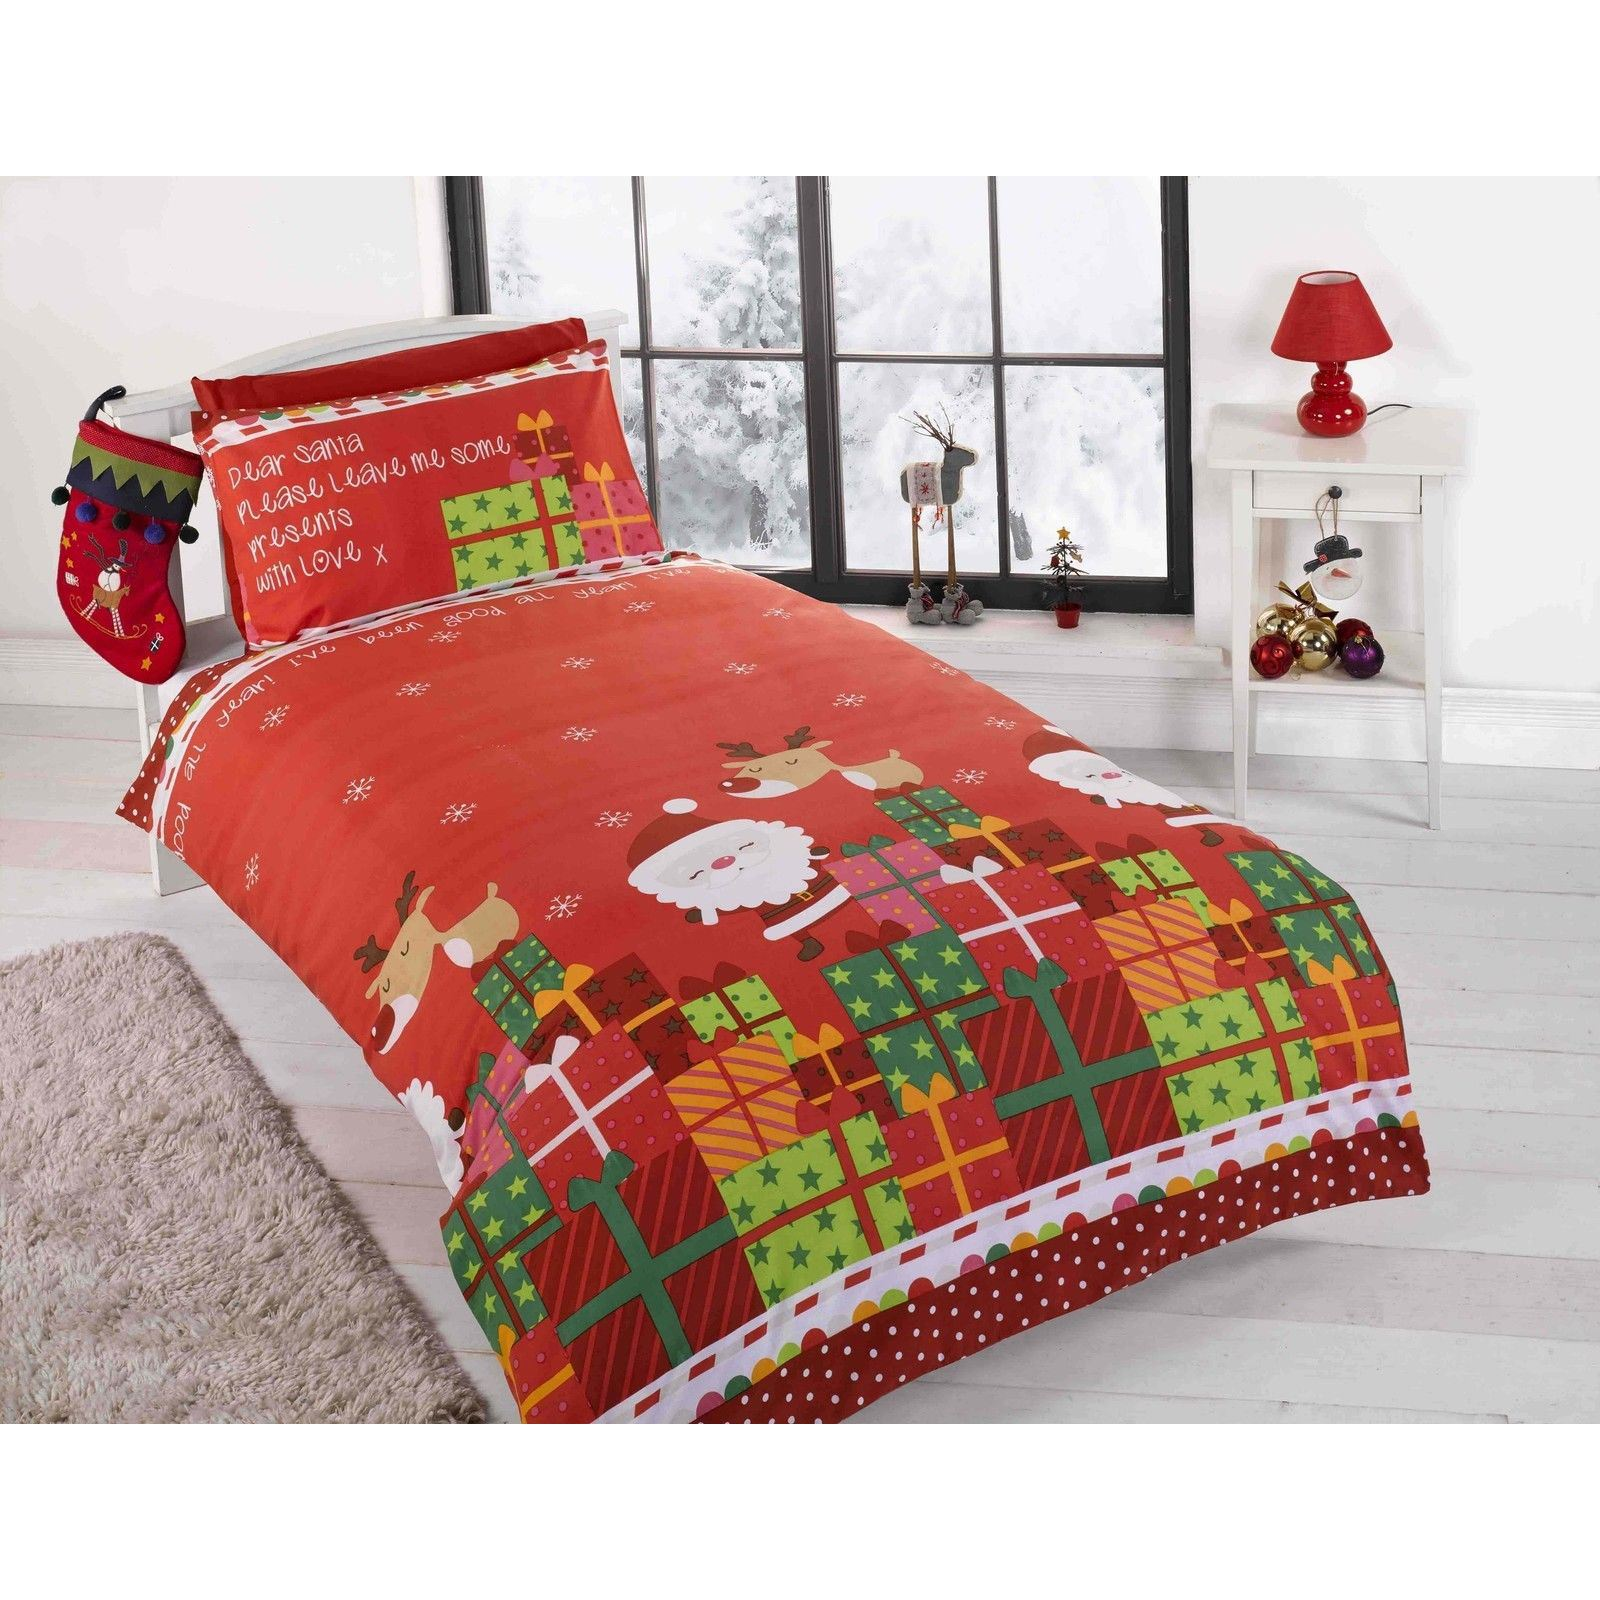 Indexbild 19 - Kinder Weihnachten Bettbezug Sets - Junior Einzel Doppel King - Elf Emoji Grinch